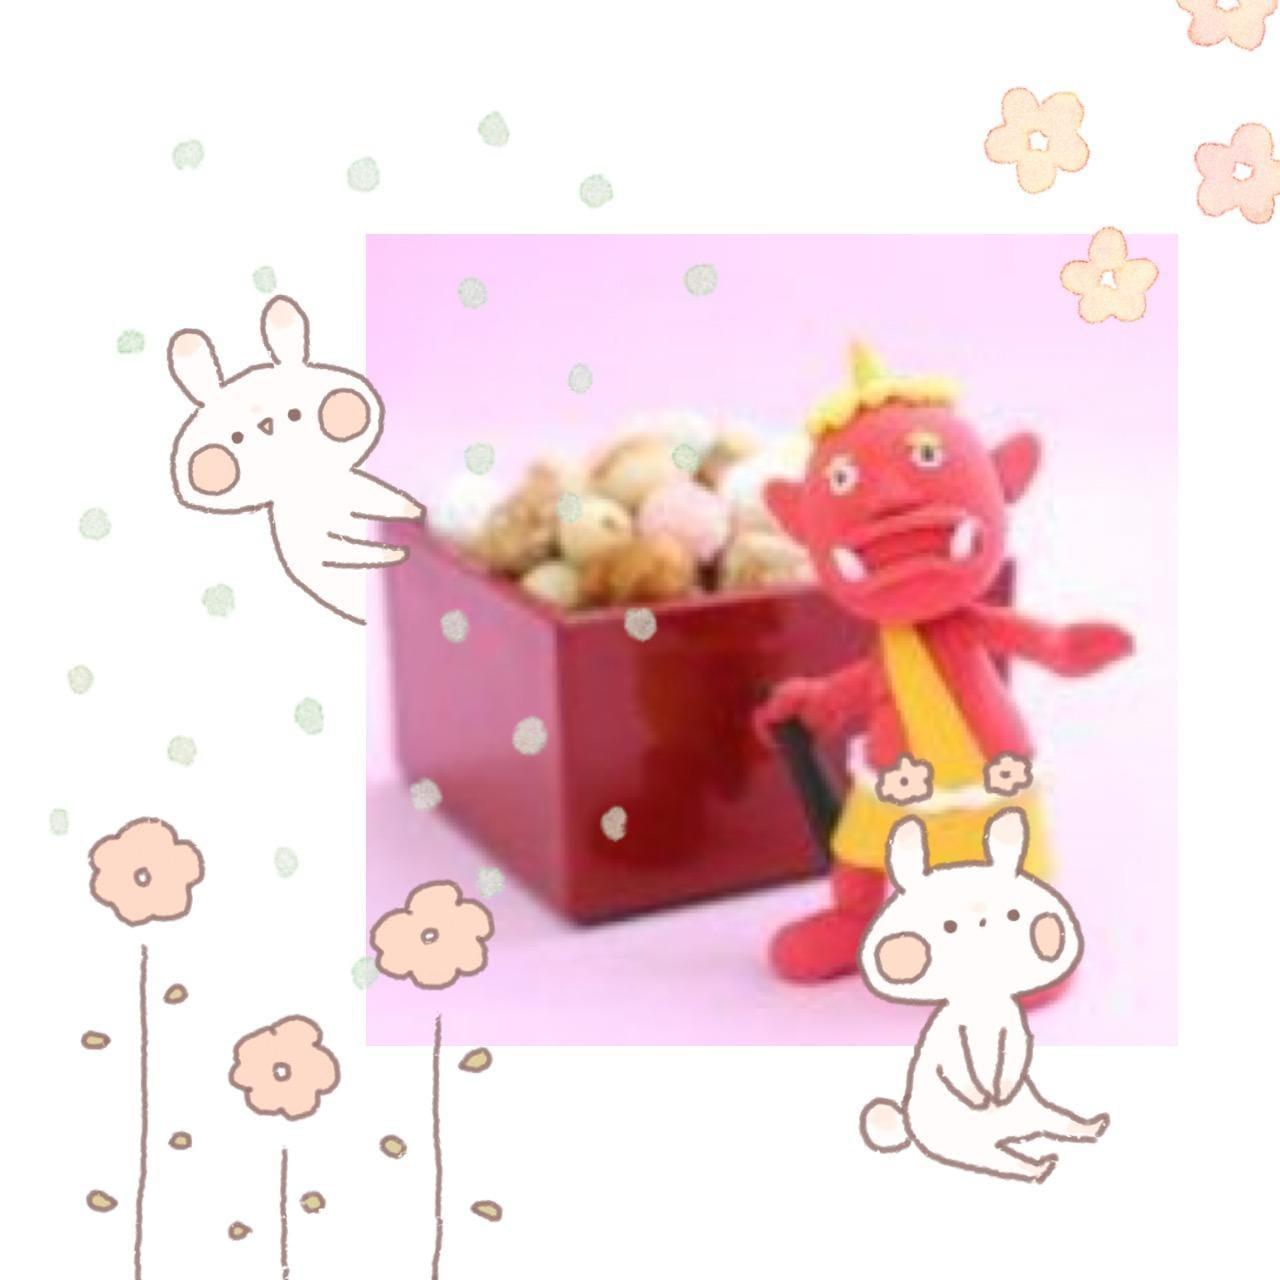 「今日も  」02/03(日) 10:28   かなえの写メ・風俗動画